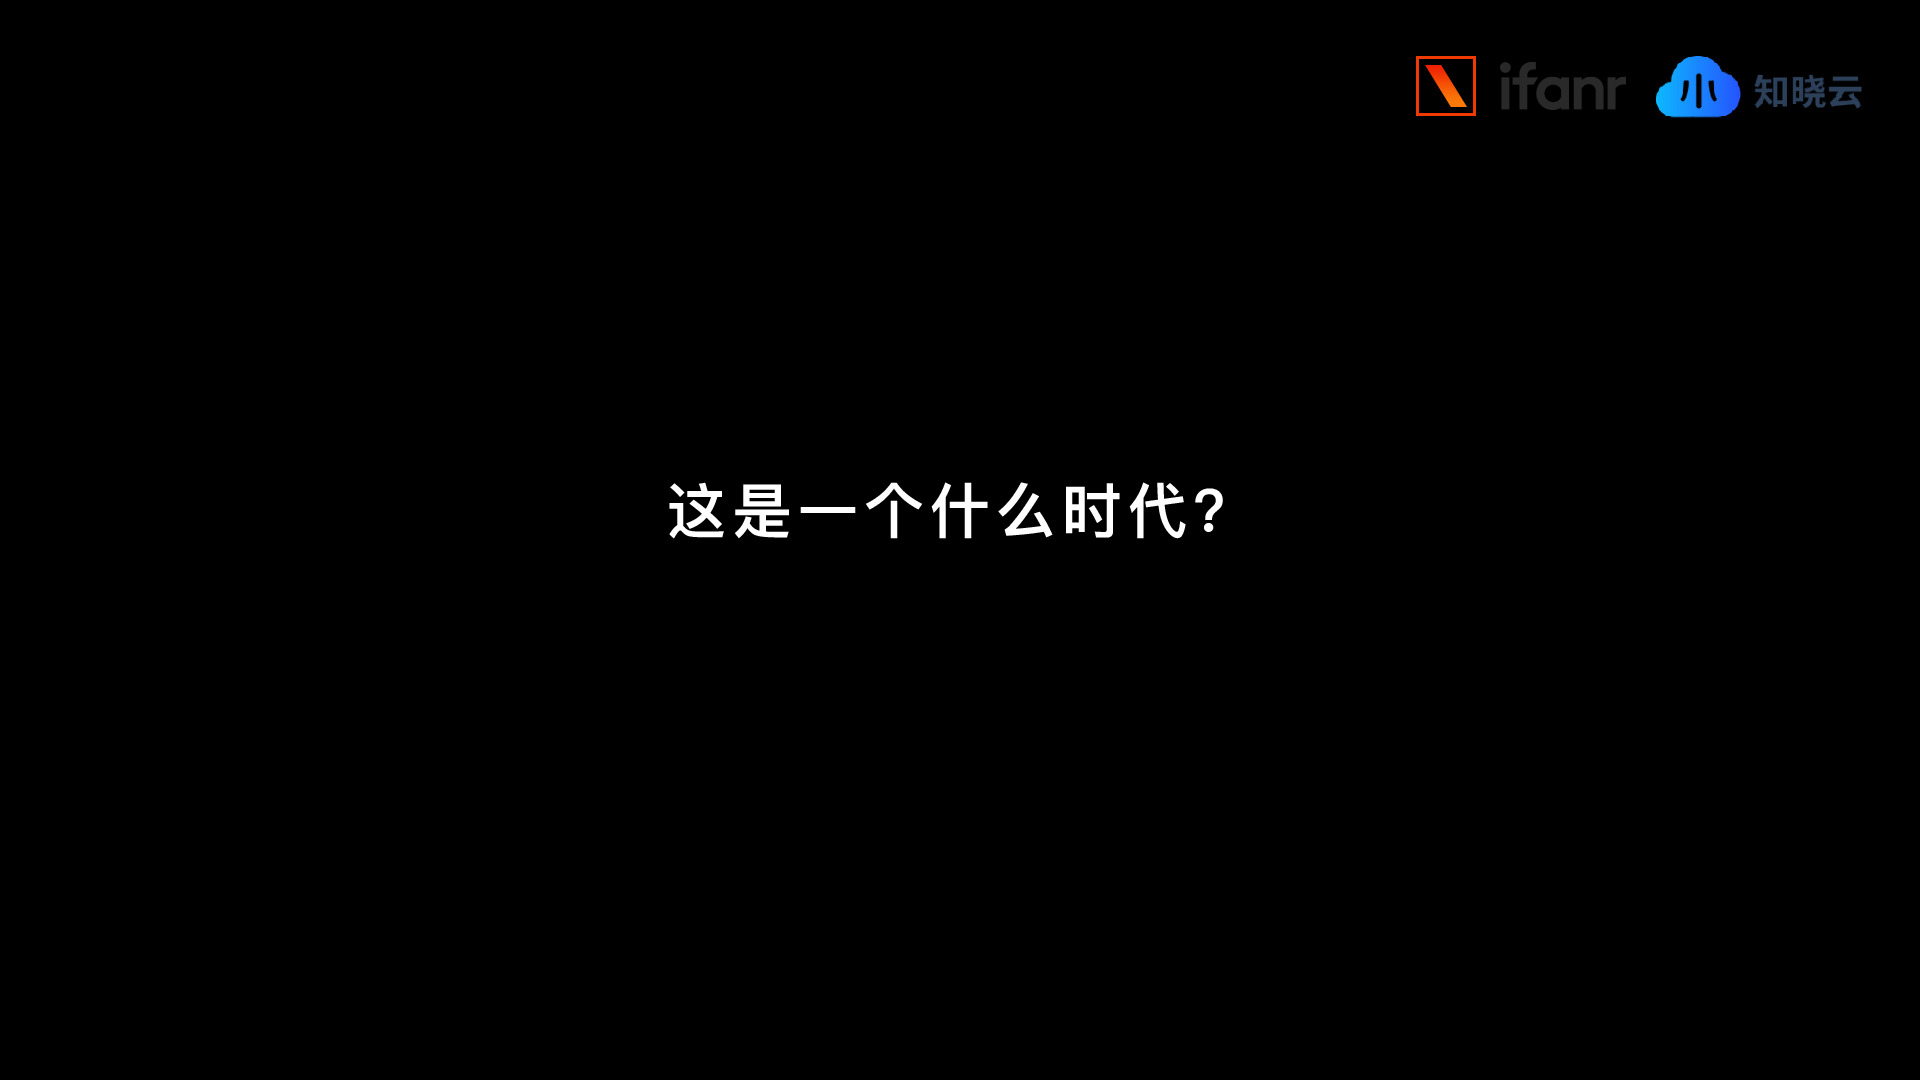 https://opentalk-blog.b0.upaiyun.com/prod/2018-10-15/c429f29c67dd981e152f732a221ccffe